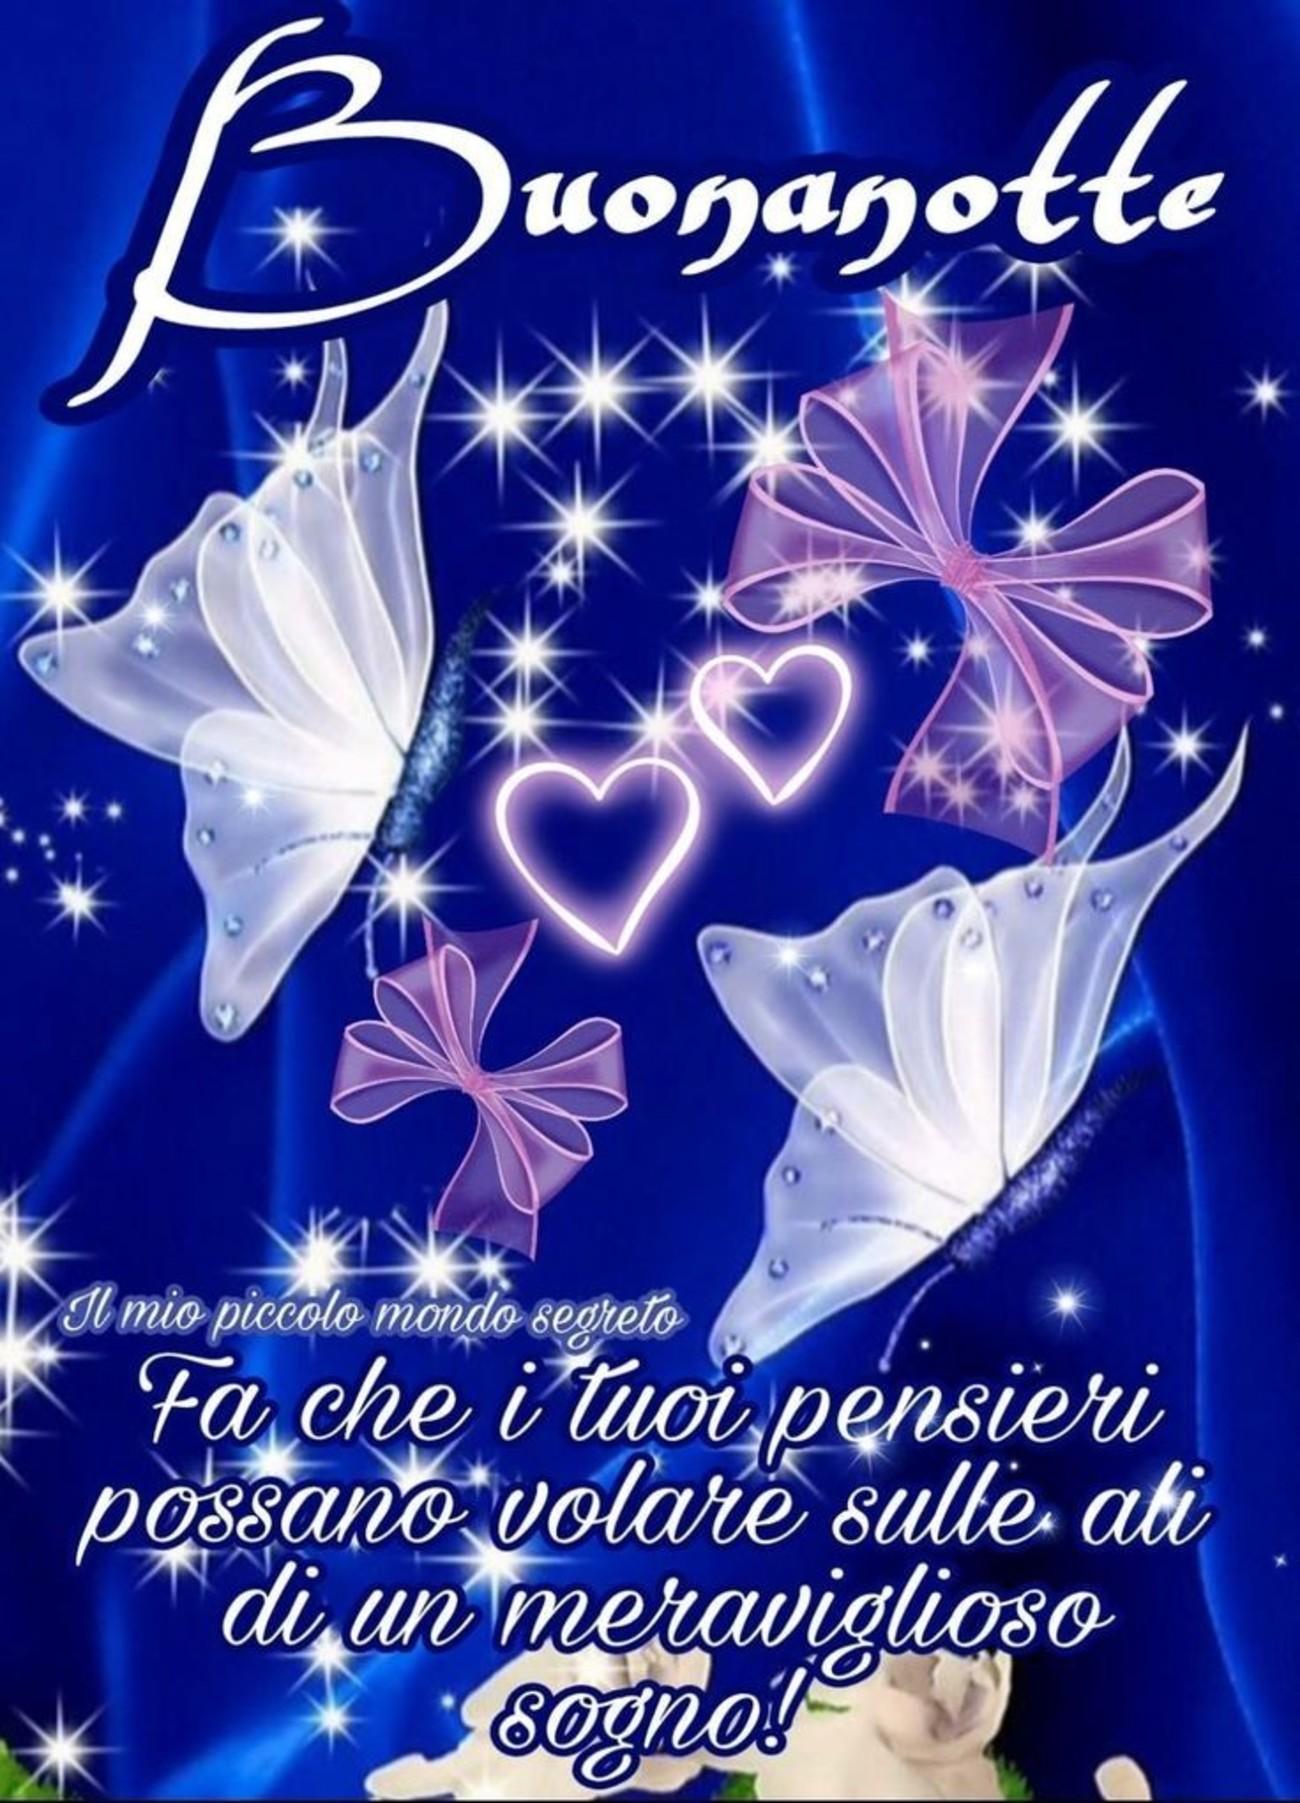 Immagine Belle Di Buonanotte